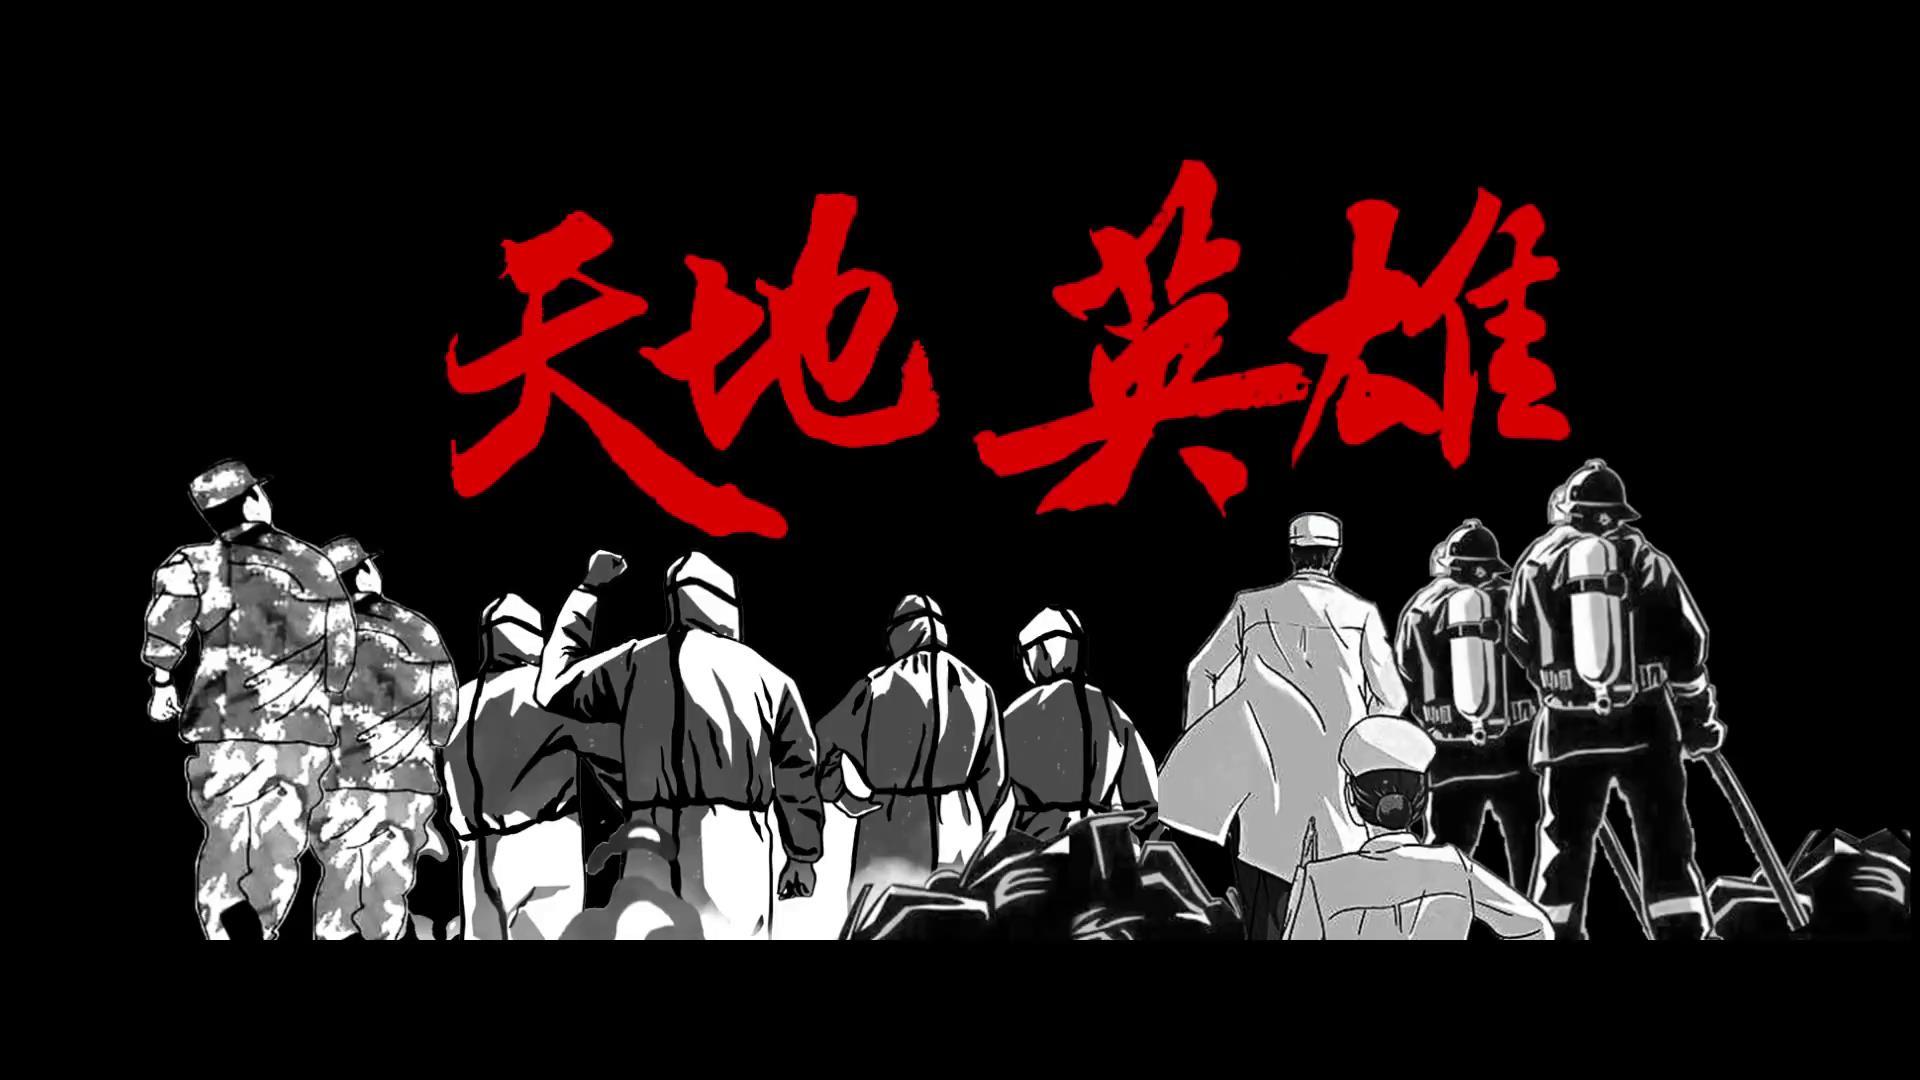 这才是中国青年该有的模样![封面图].jpg